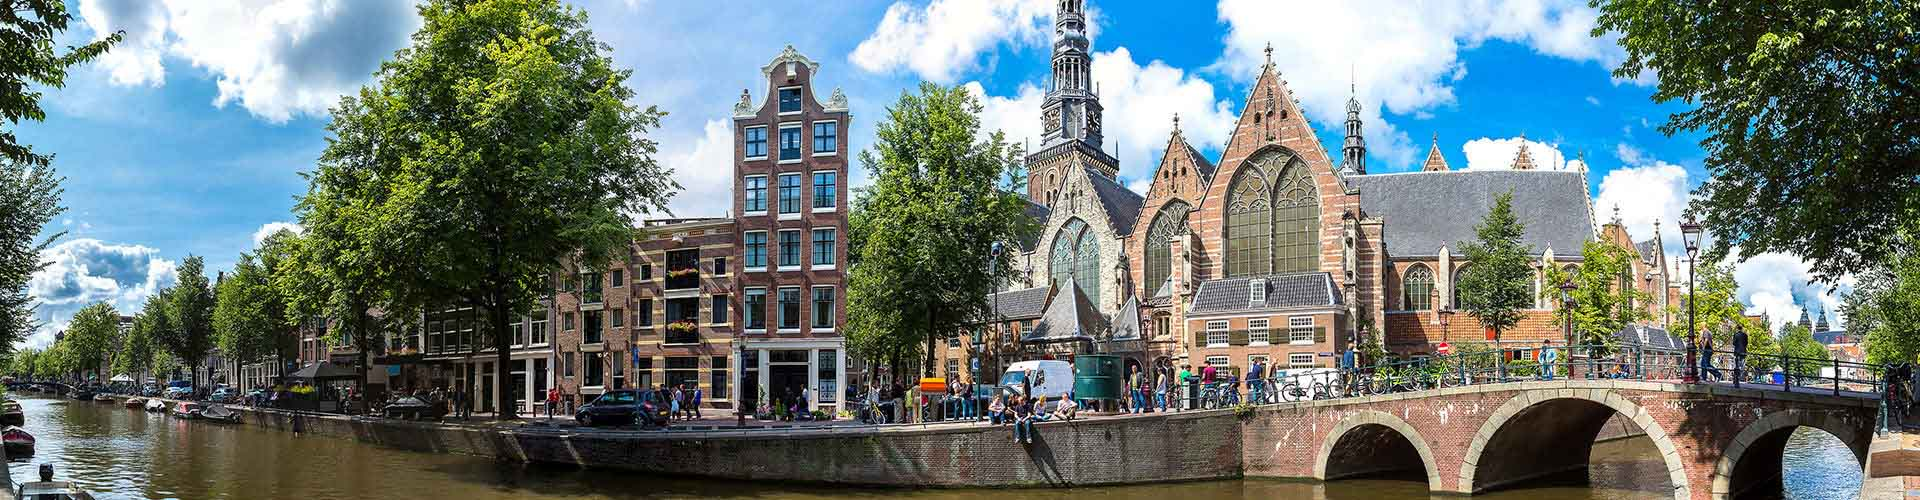 阿姆斯特丹 – 欧德科克附近的宾馆。阿姆斯特丹地图,阿姆斯特丹每间宾馆的照片和评价。